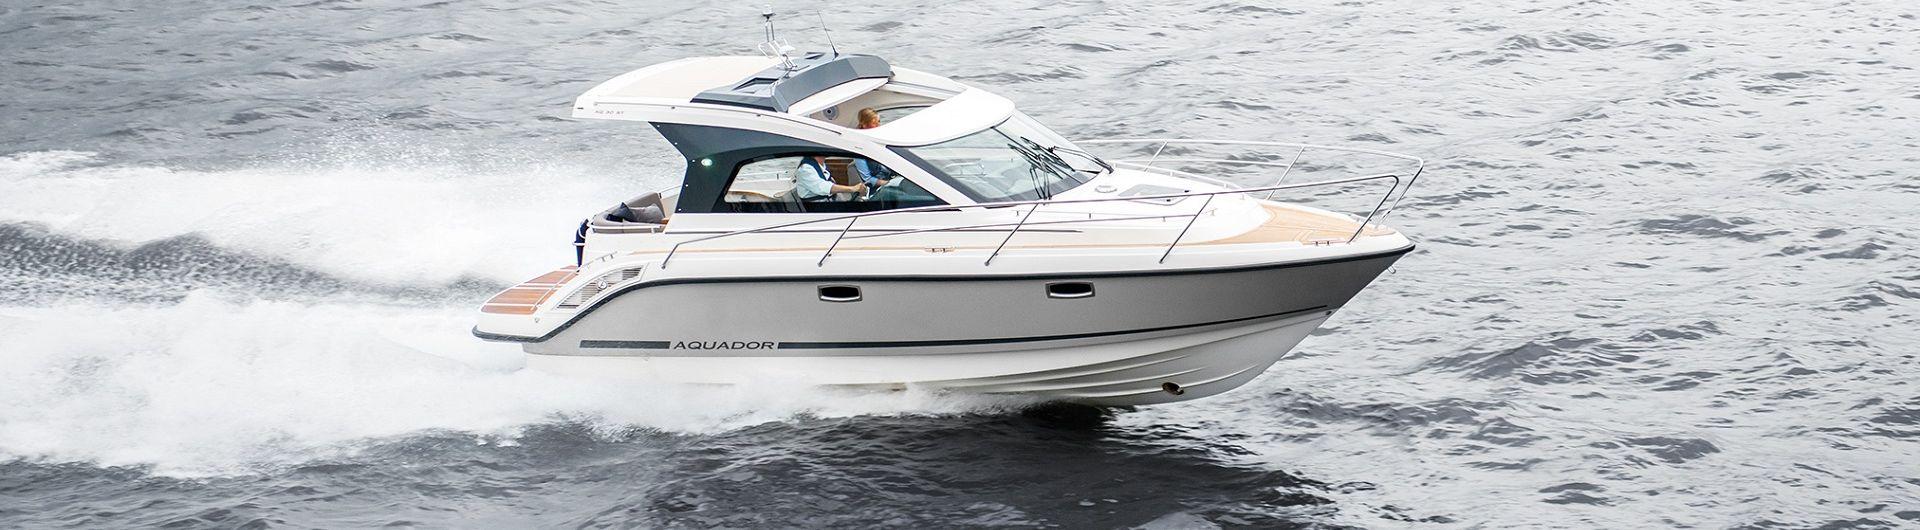 Sportboot Aquador 30ST  header